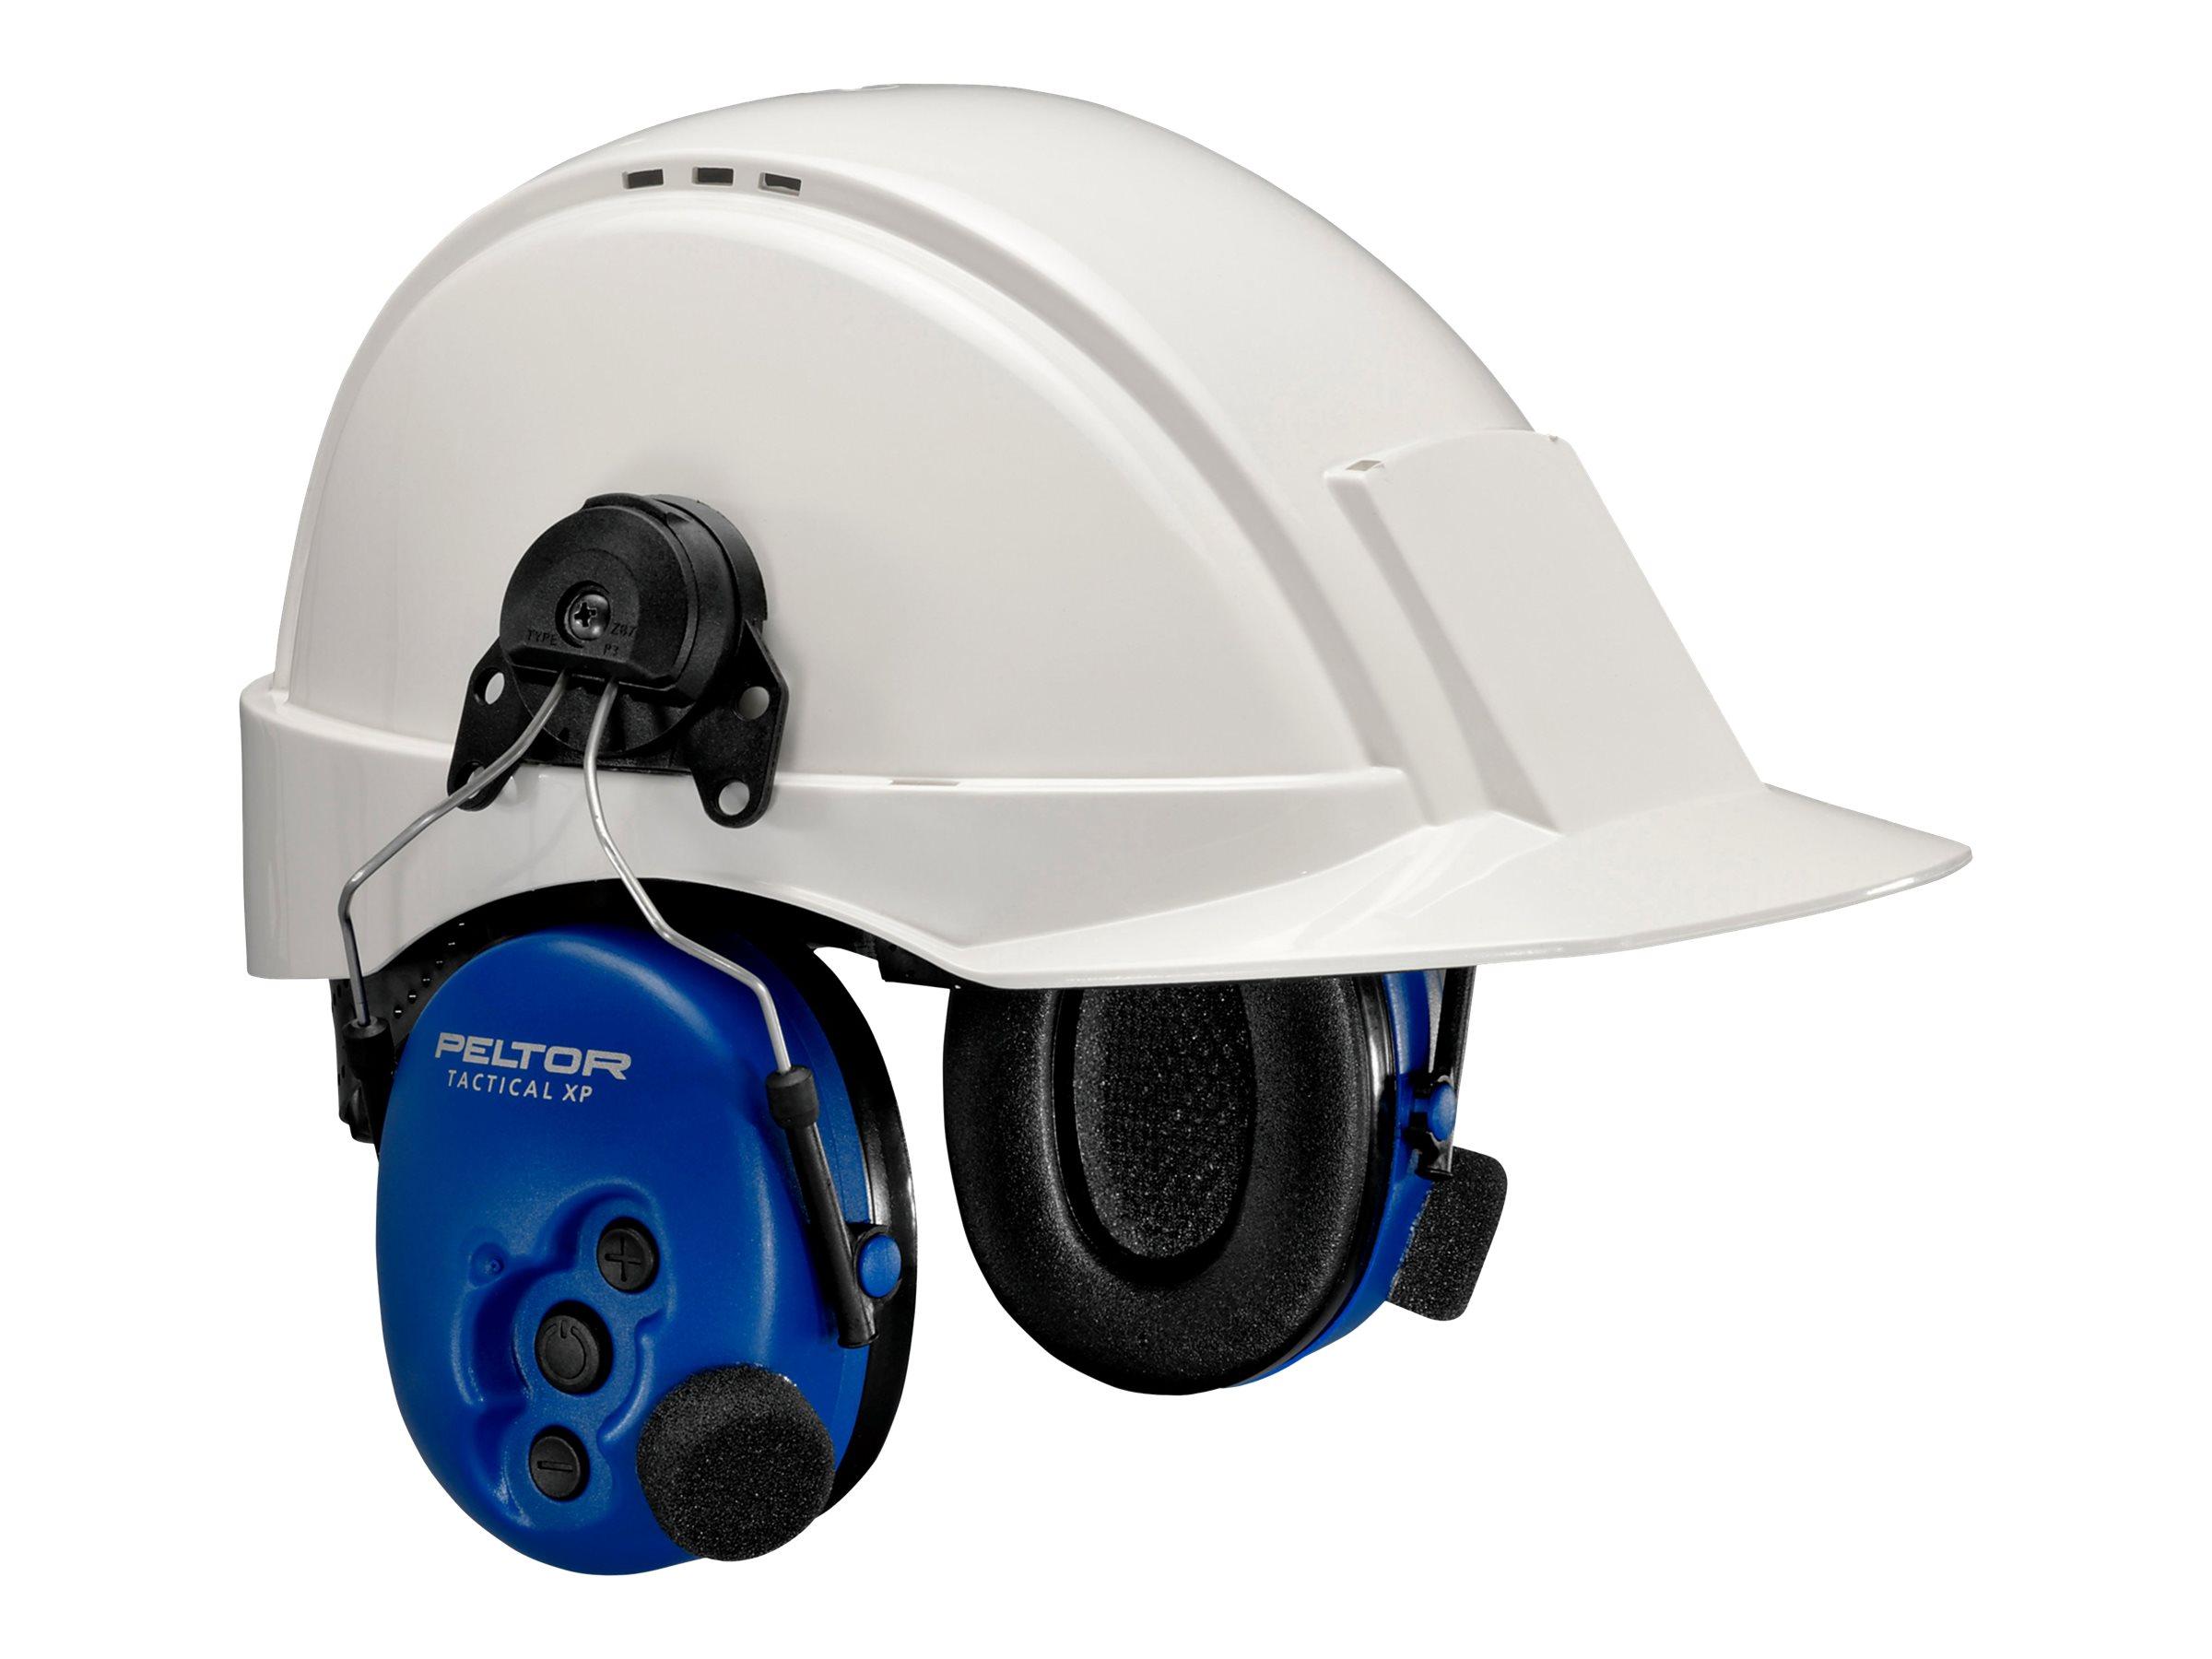 3M Peltor Tactical XP MT1H7P3E2-07 - Headset - am Helm angebracht - kabelgebunden - aktive Rauschunterdrückung - Blau